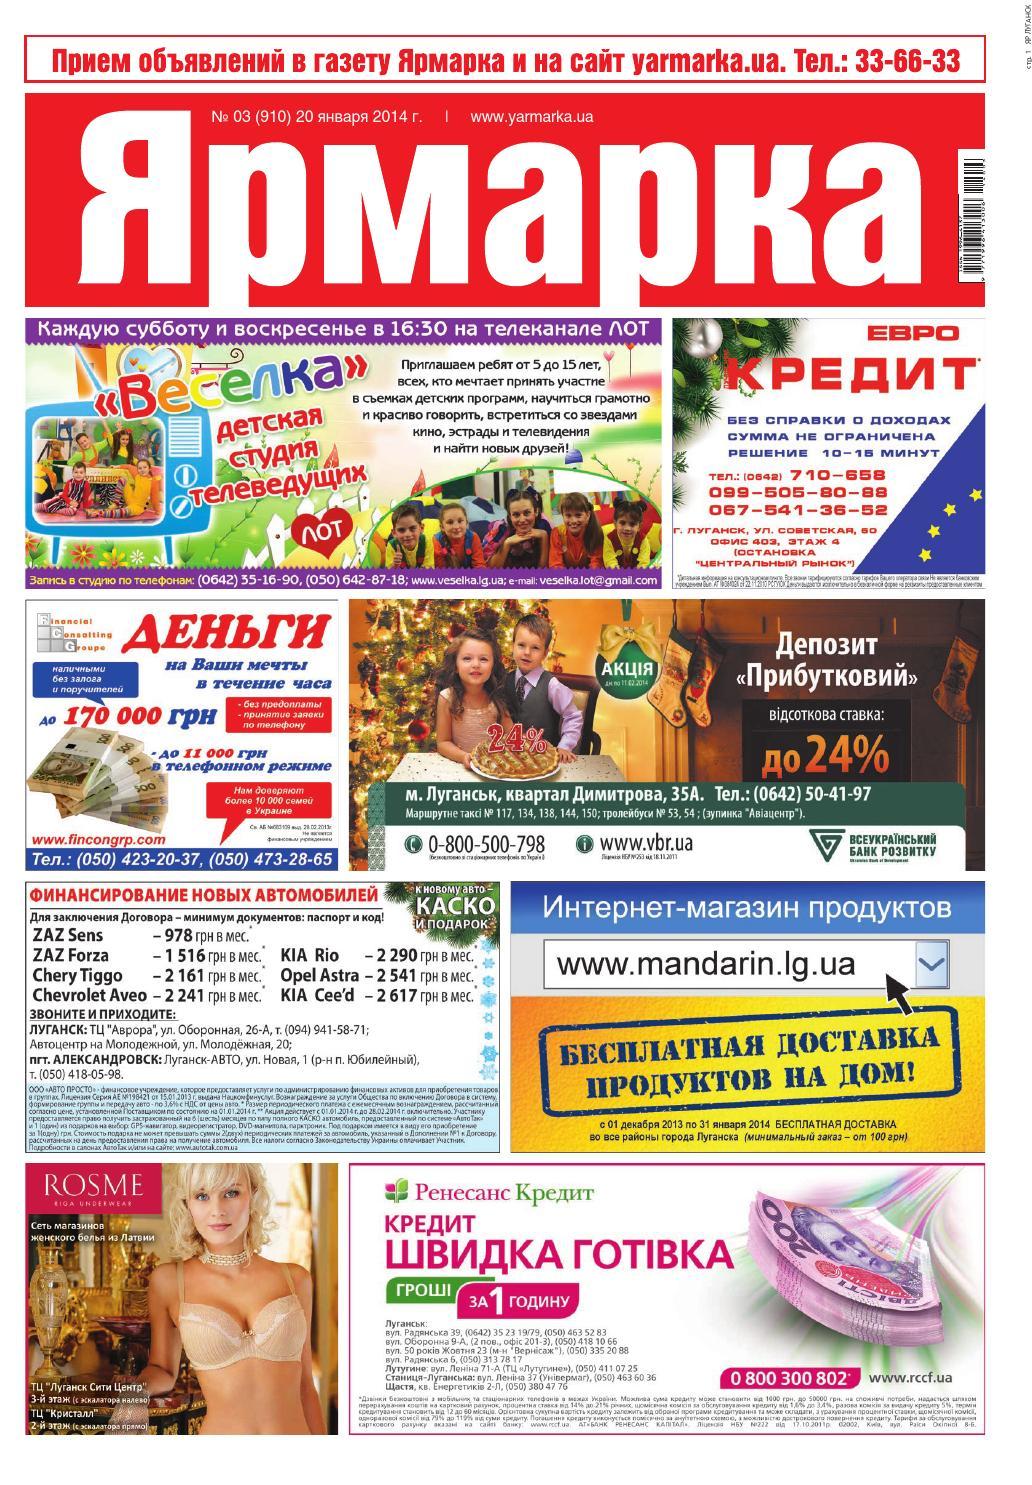 Знакомства В Калининграде Газета Ярмарка